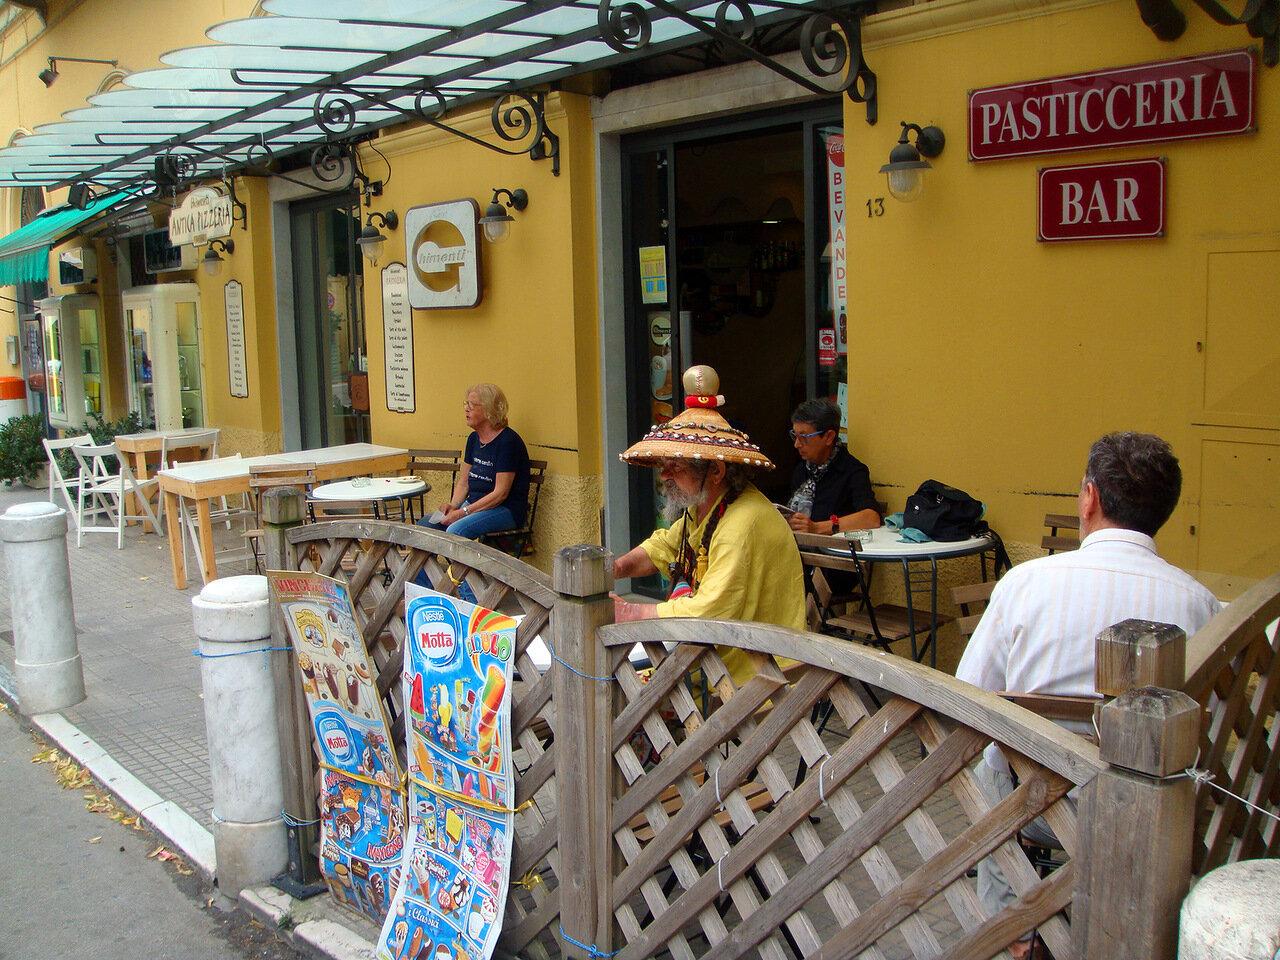 Типичный ресторан провинциального городка Пьетрасанта (Pietrasanta)